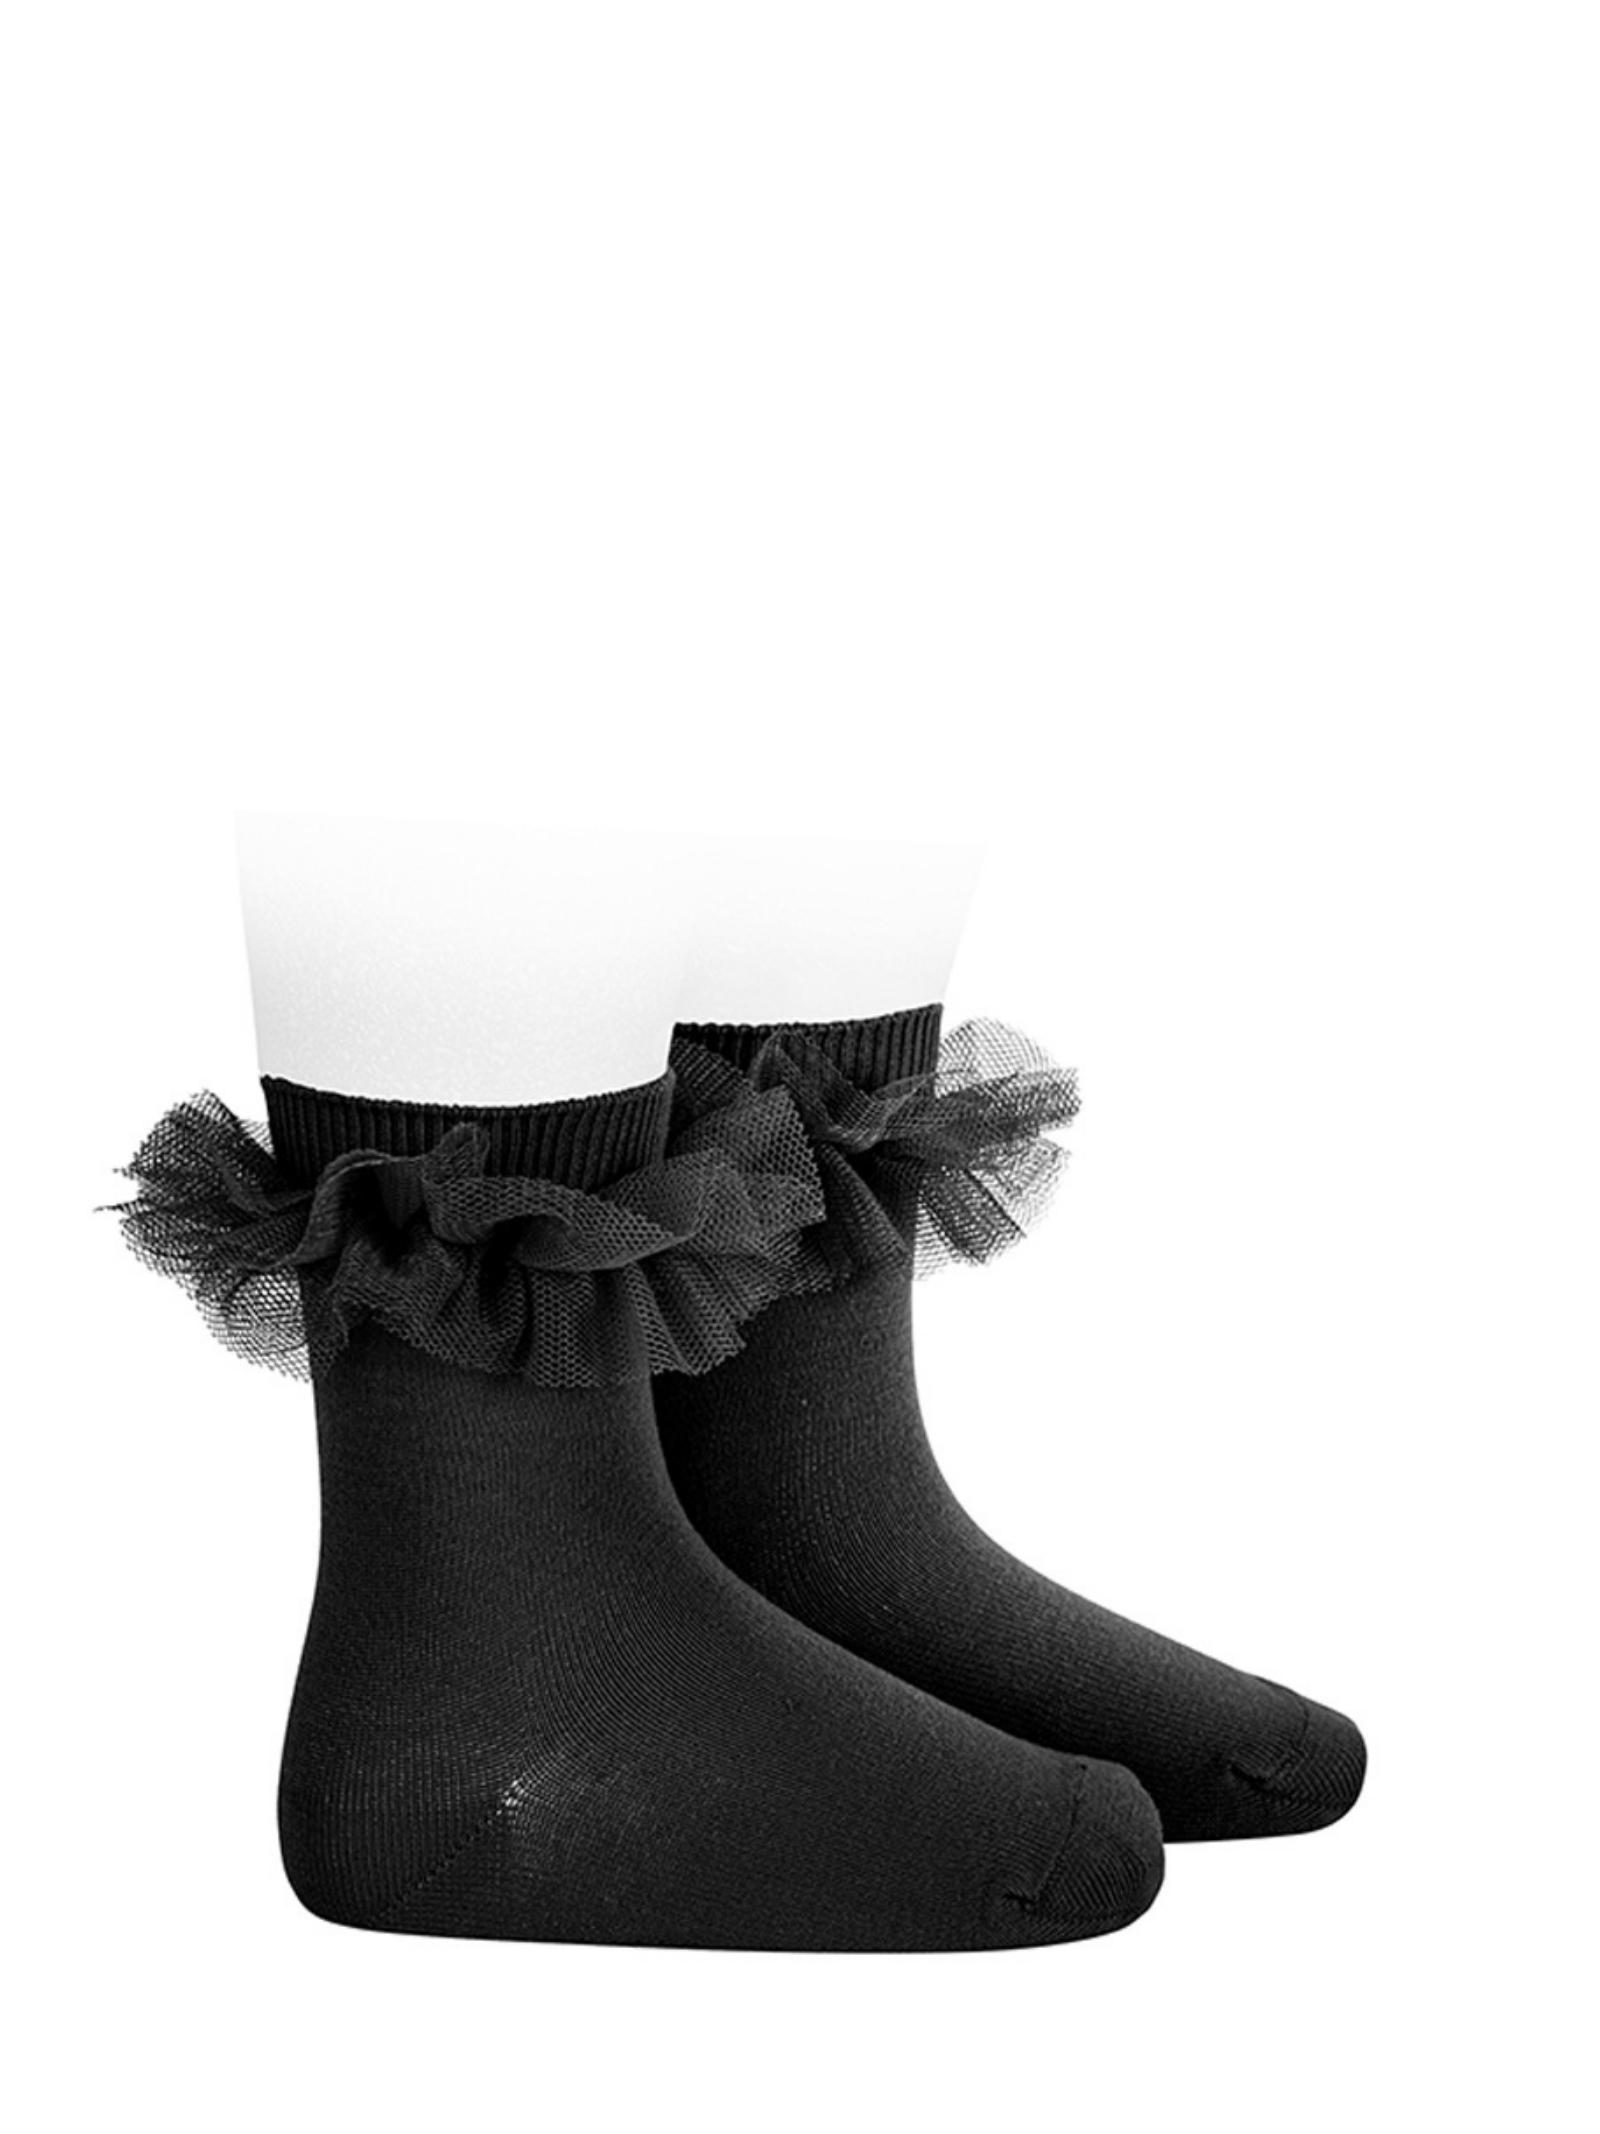 Low Tulle Socks for Girls CONDOR | Socks | 24944900